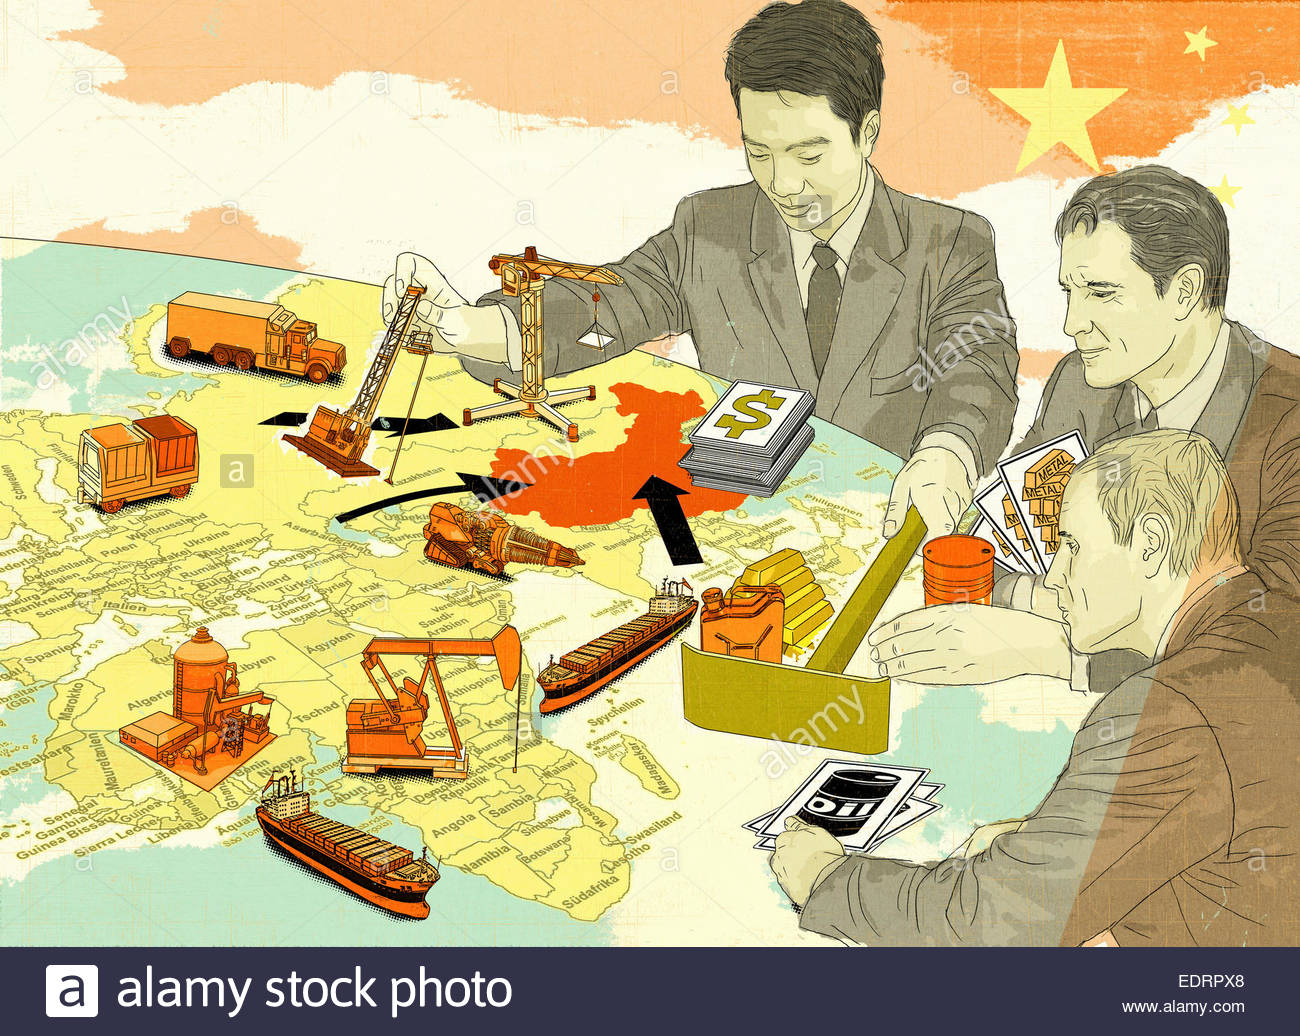 China domina los recursos naturales mundiales juego Imagen De Stock